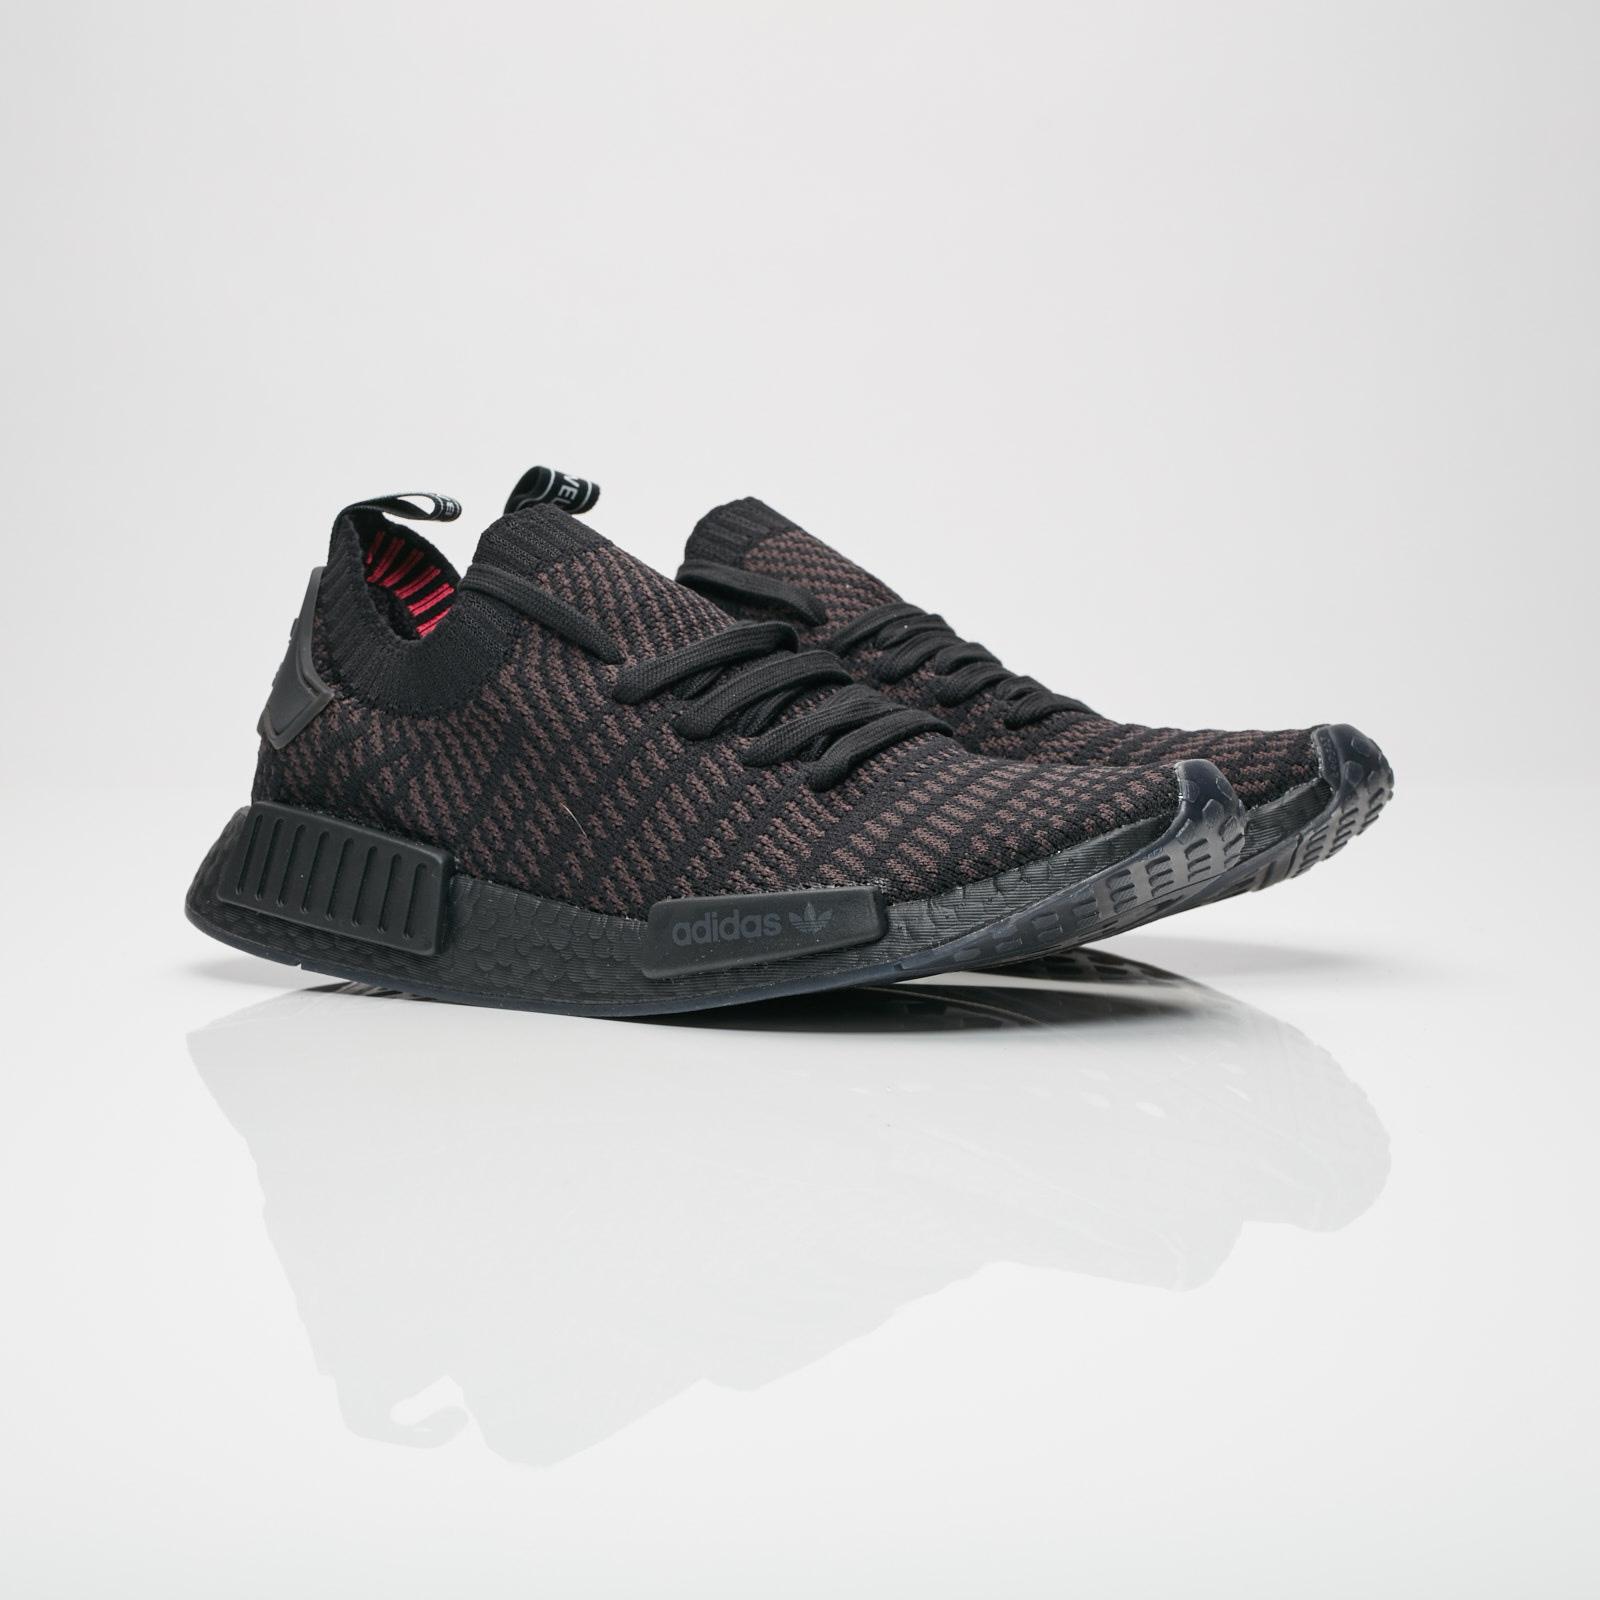 d9a16f0f7e984 adidas NMD R1 Stlt PK - Cq2391 - Sneakersnstuff